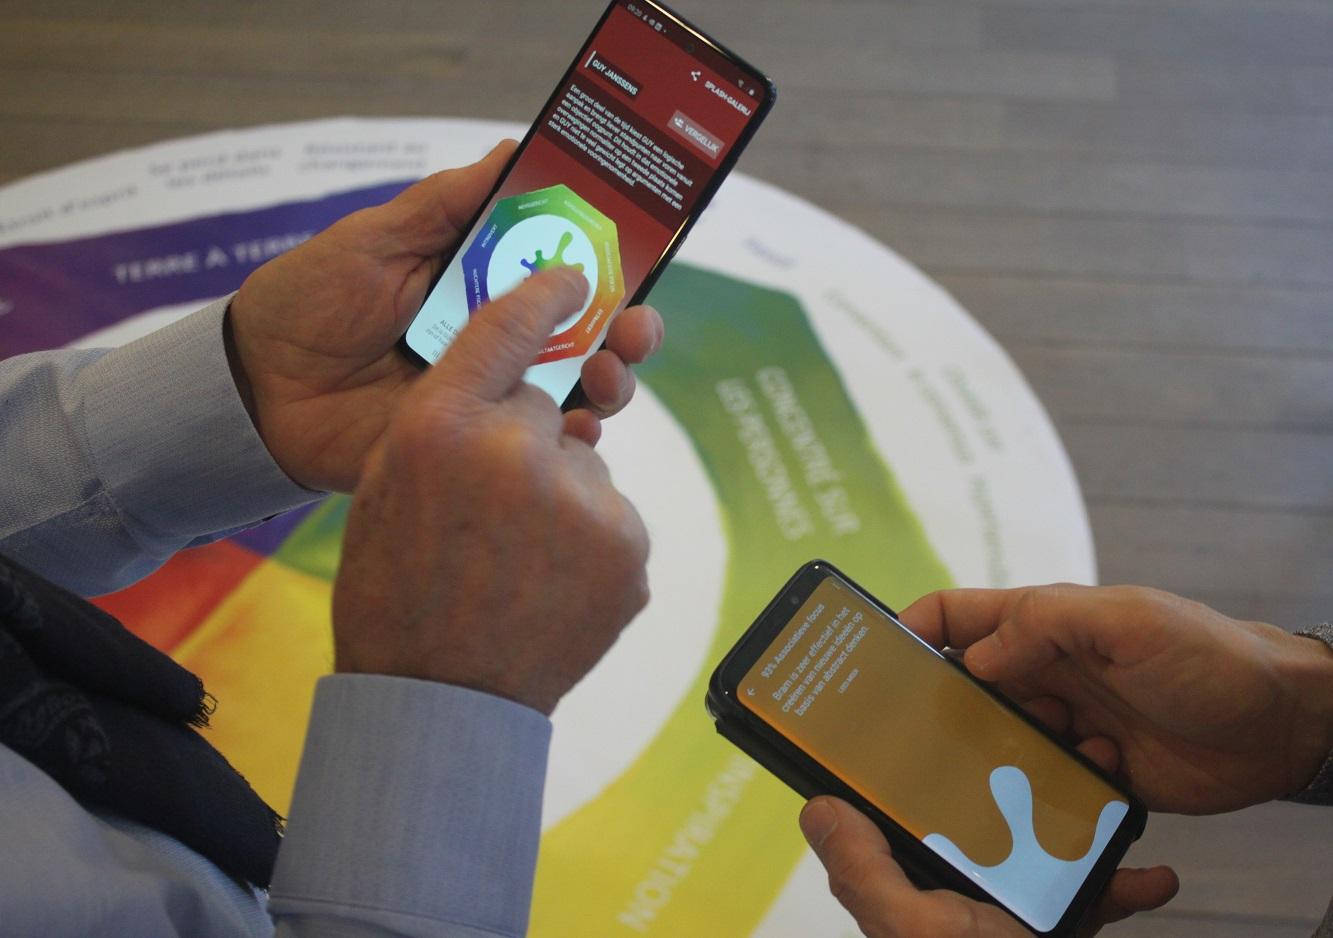 De Lumina Splash App hellpt teamleden inzicht krijgen in elkaars raakpunten en verschillen op vlak van persoonlijkheid.